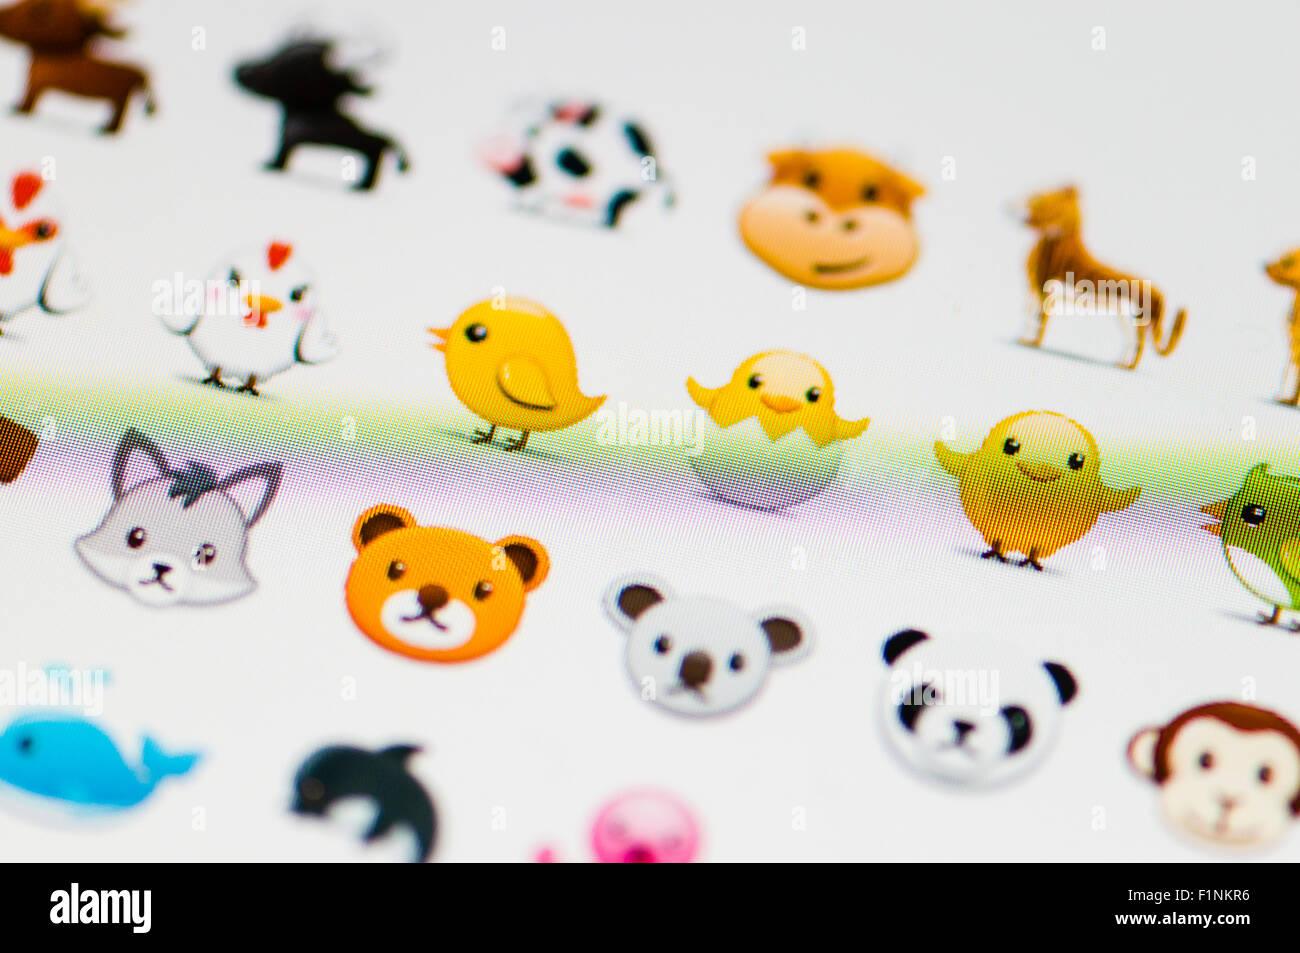 Screen displaying a range of animal emojis - Stock Image